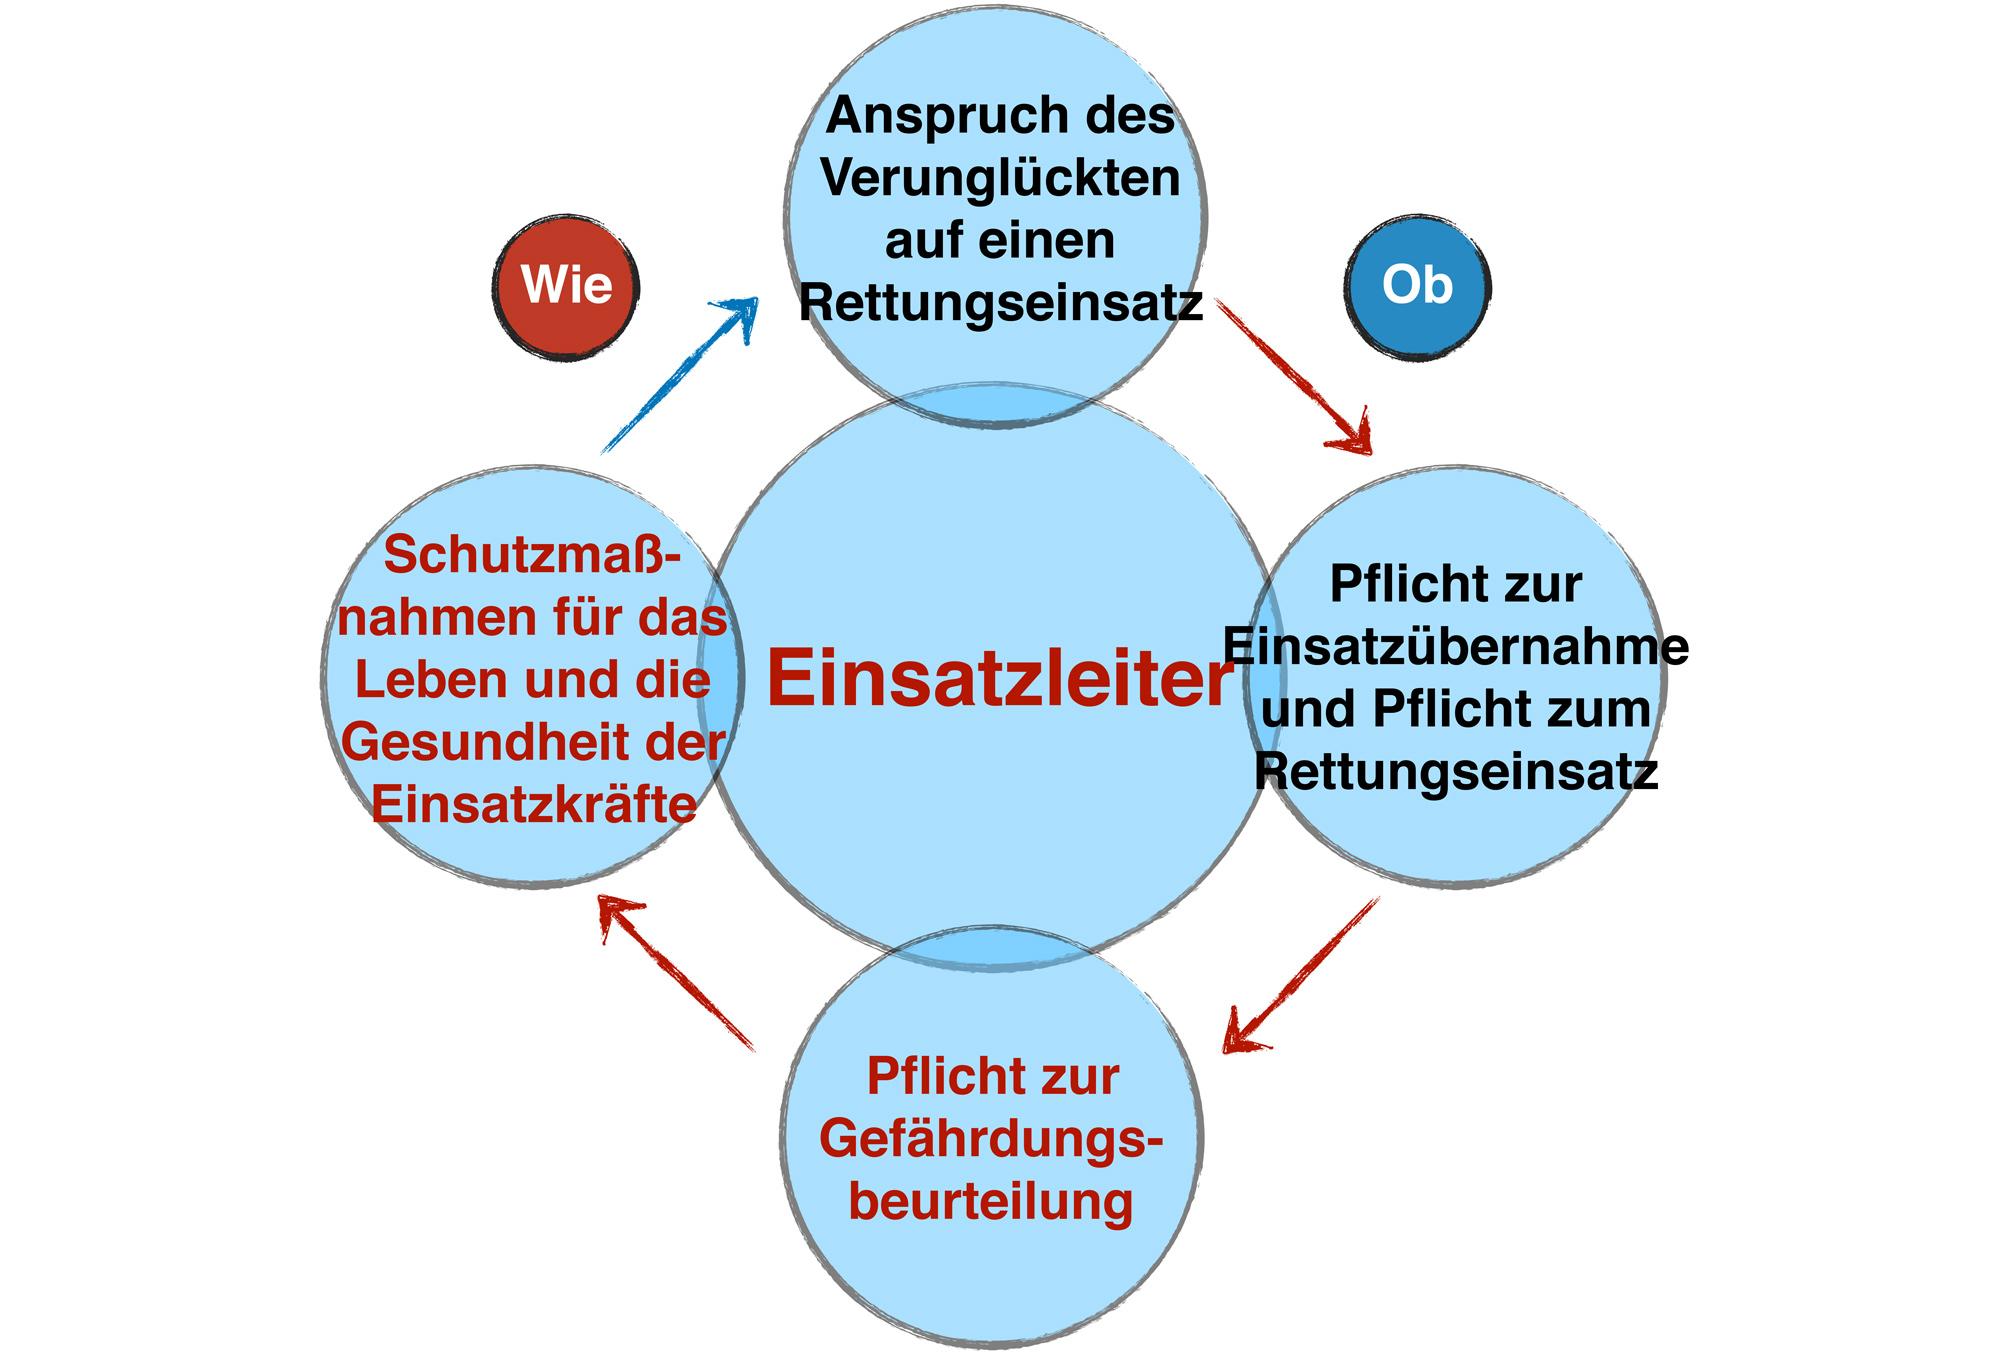 """Abb.6 Das """"Recht auf Rettung"""" im Spannungsfeld zwischen gesetzlichem Rettungsauftrag und Fürsorgepflicht des Einsatzleiters."""